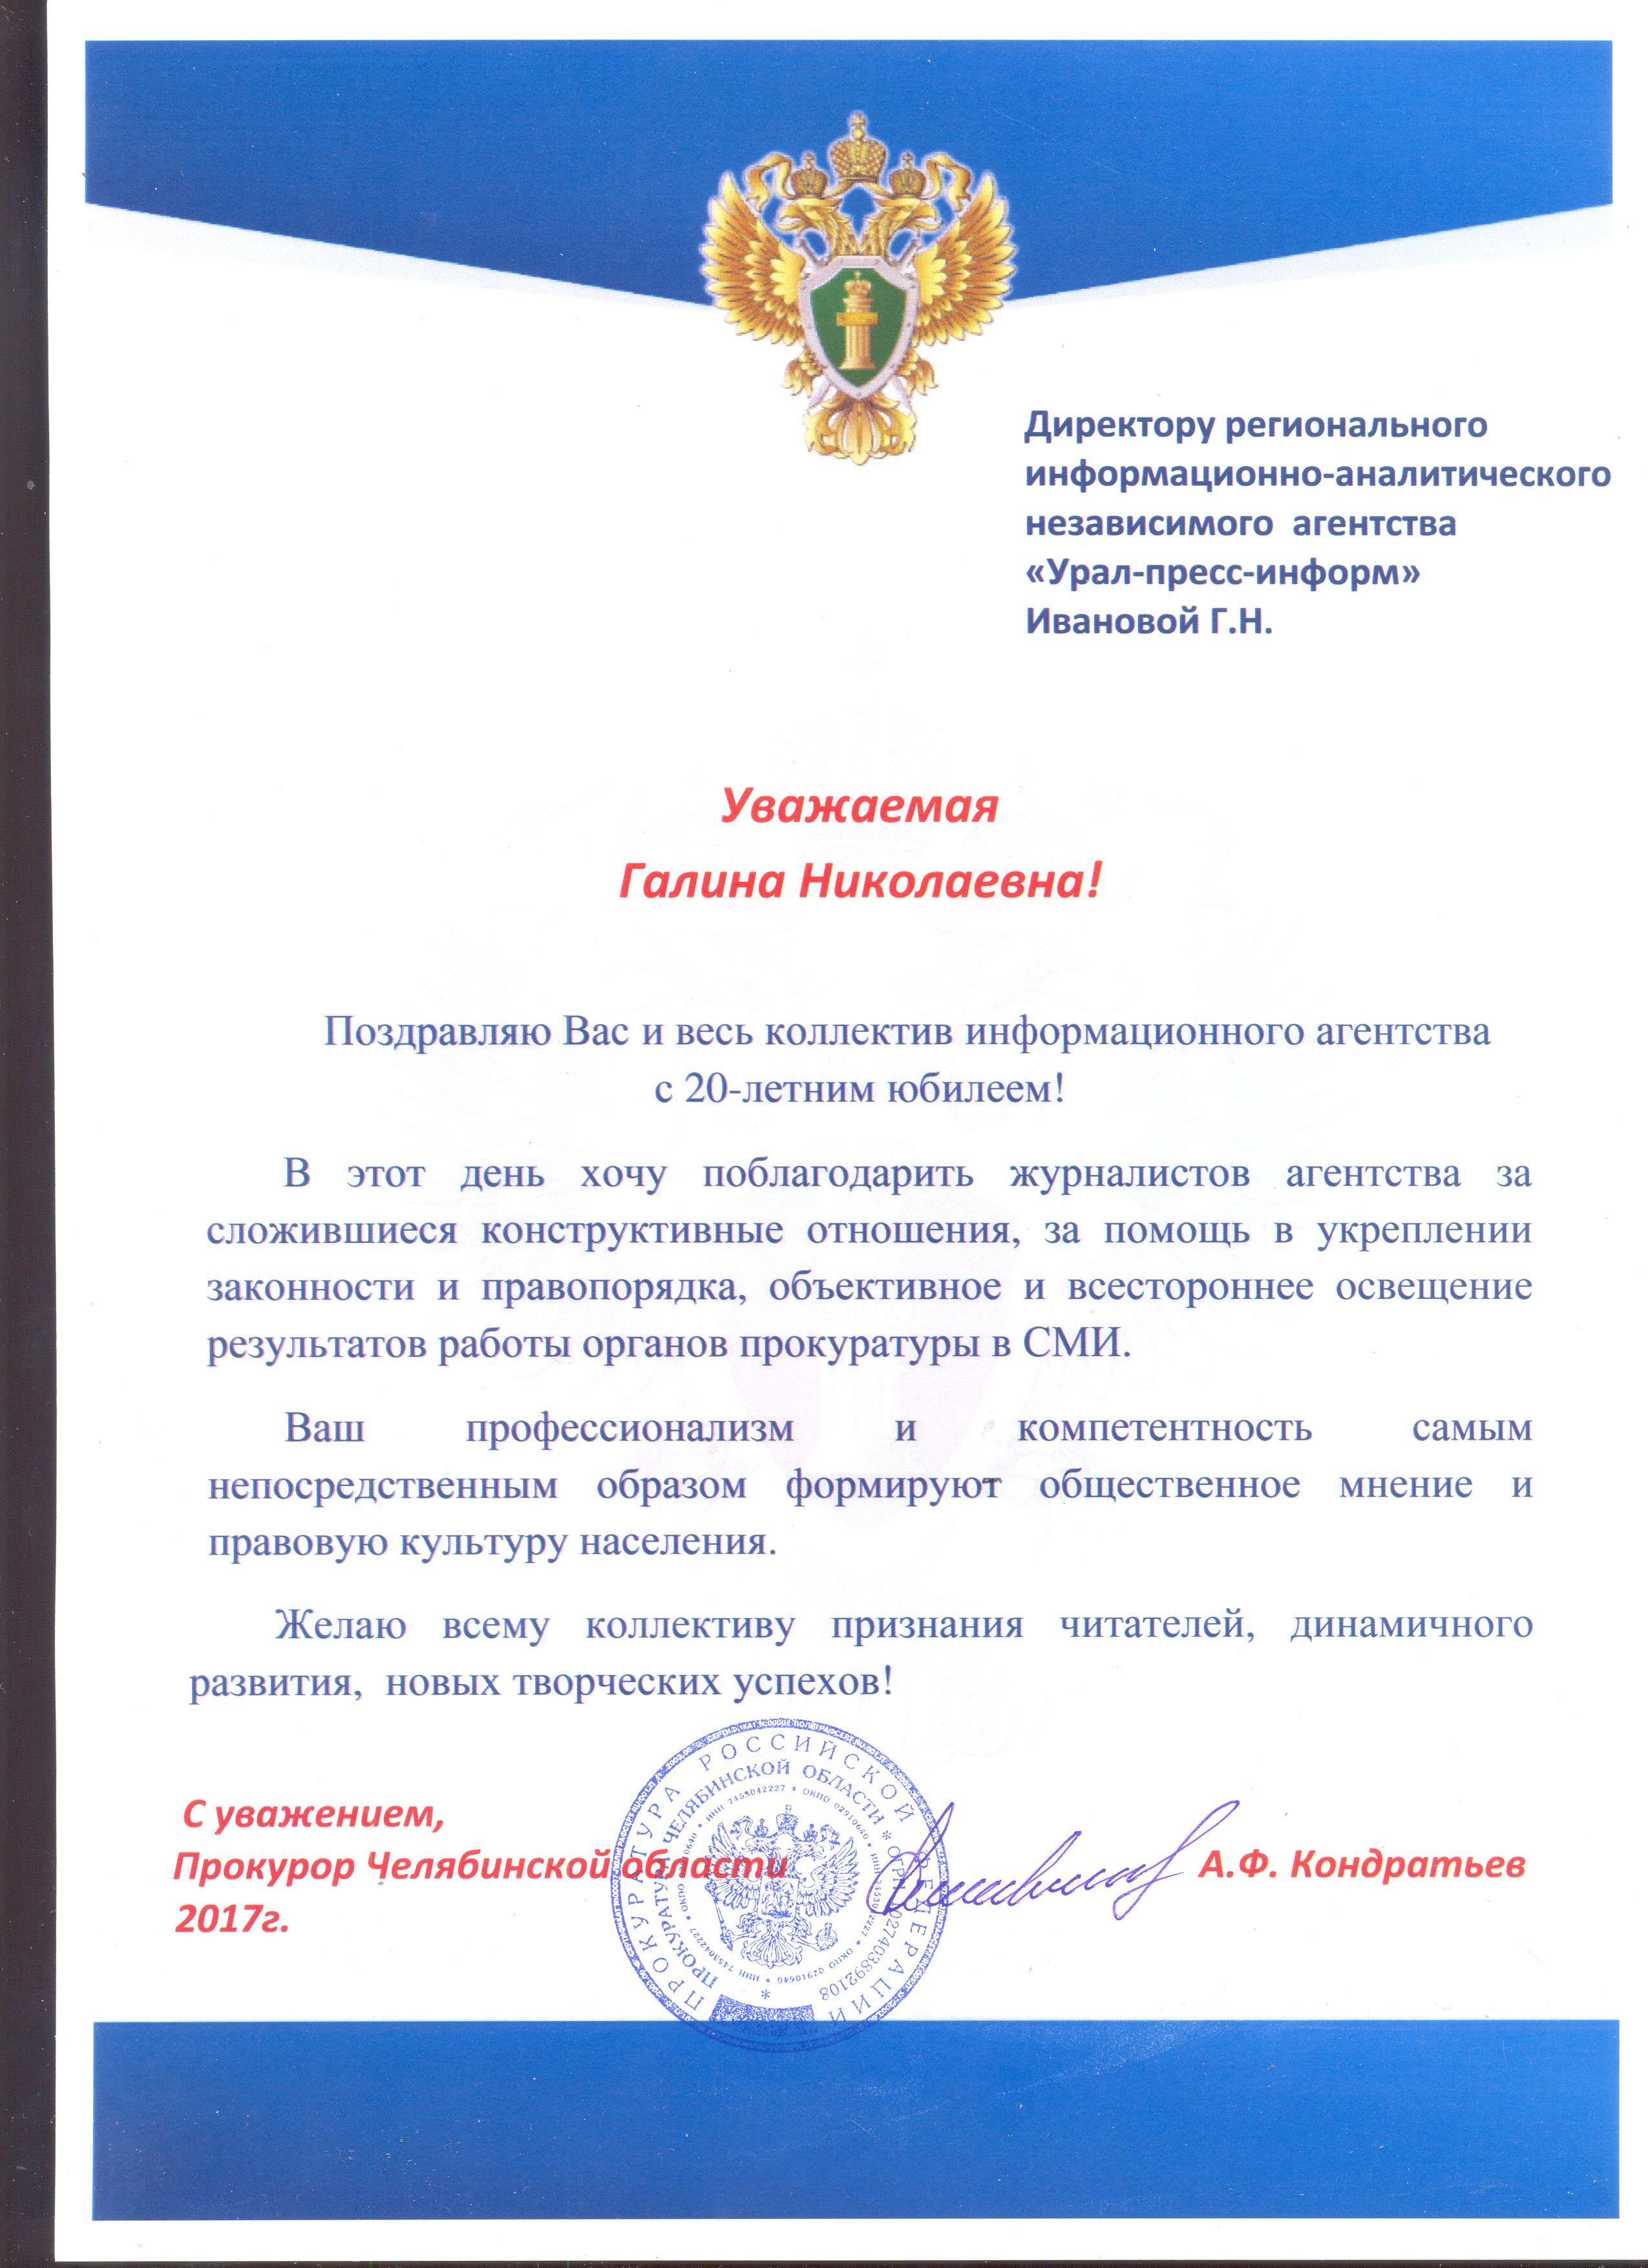 2017   Прокуратура Челябинской области